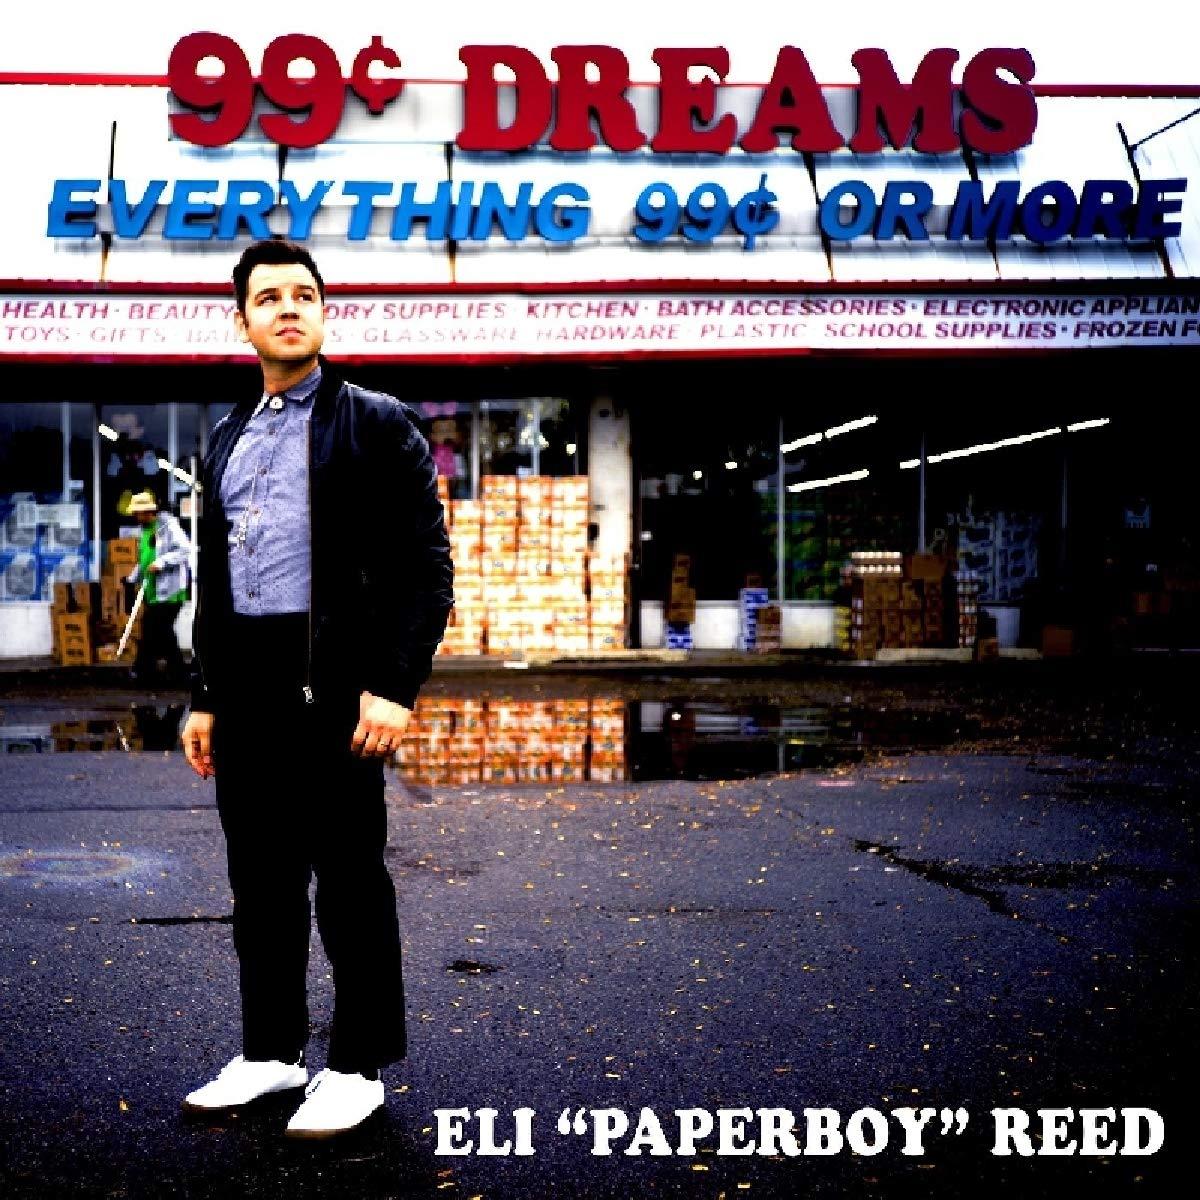 Vinilo : Eli Reed Paperboy - 99 Cent Dreams (LP Vinyl)